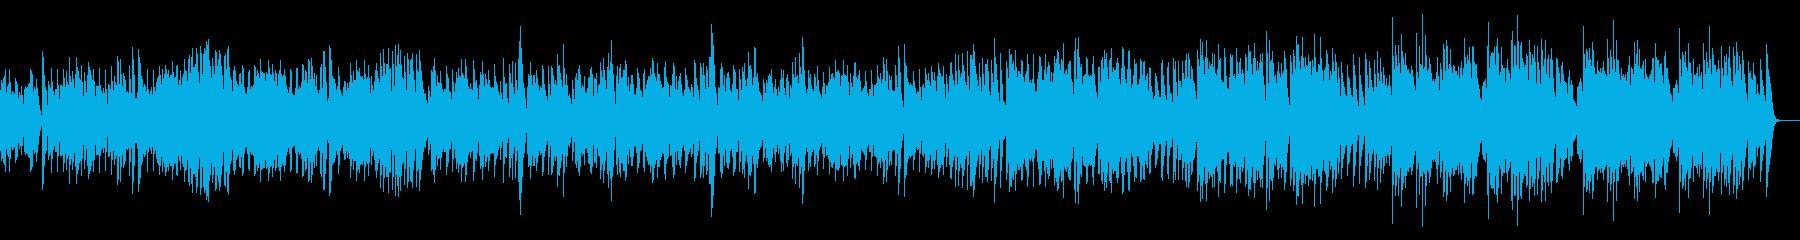 フィグ・リーフ・ラグ_オルゴールverの再生済みの波形